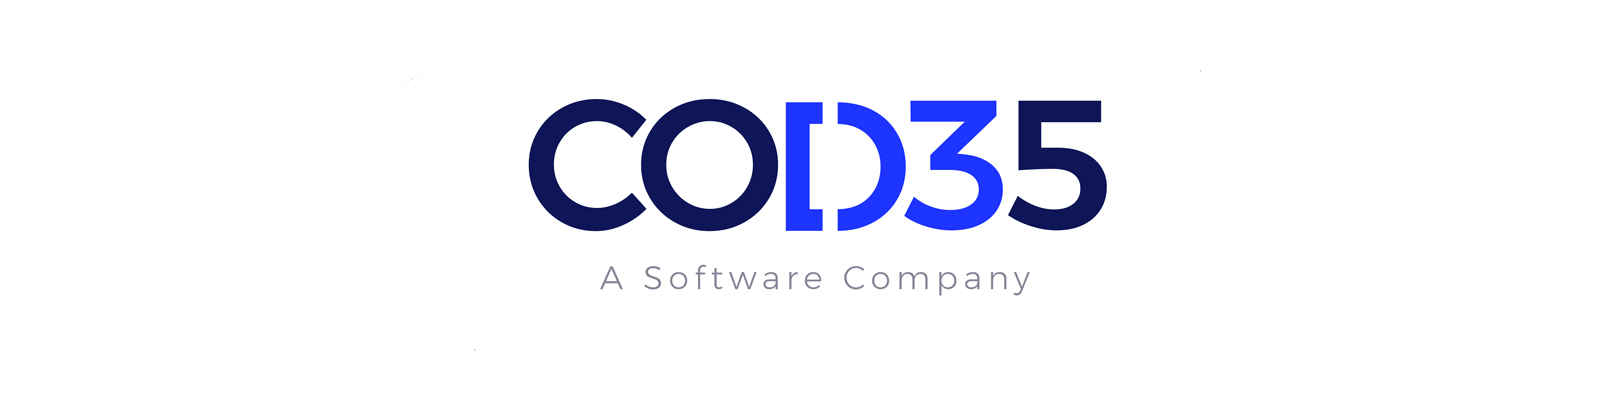 CODE35 Yazılım San. Tic. Ltd. Şti. banner fotograf